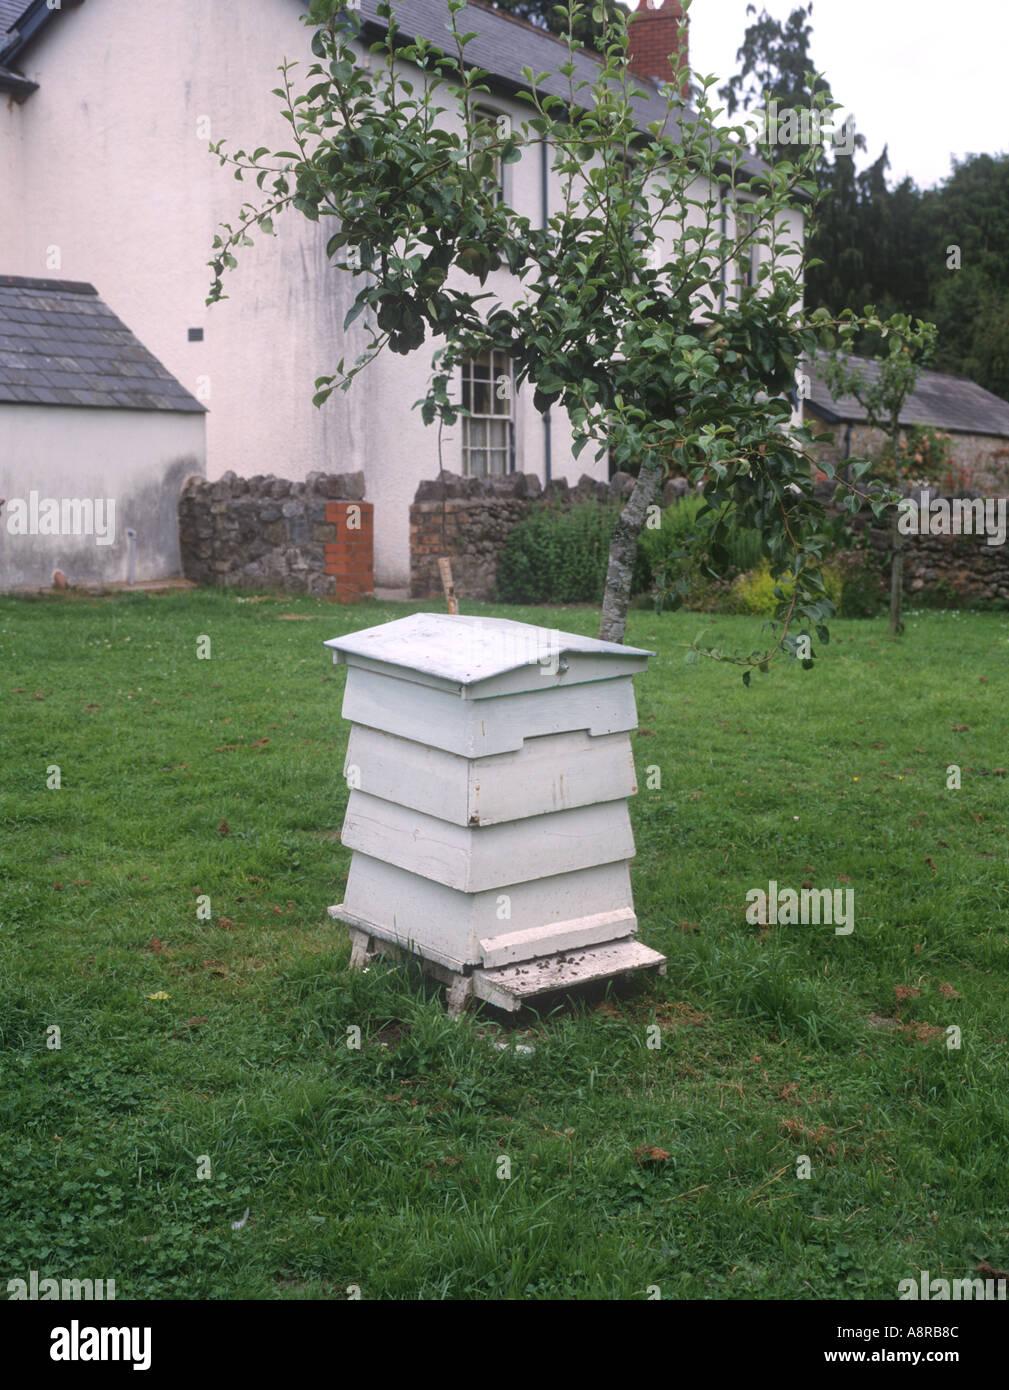 Bienenstock Im Garten Ferienhaus Wales Stockfoto Bild 2259851 Alamy